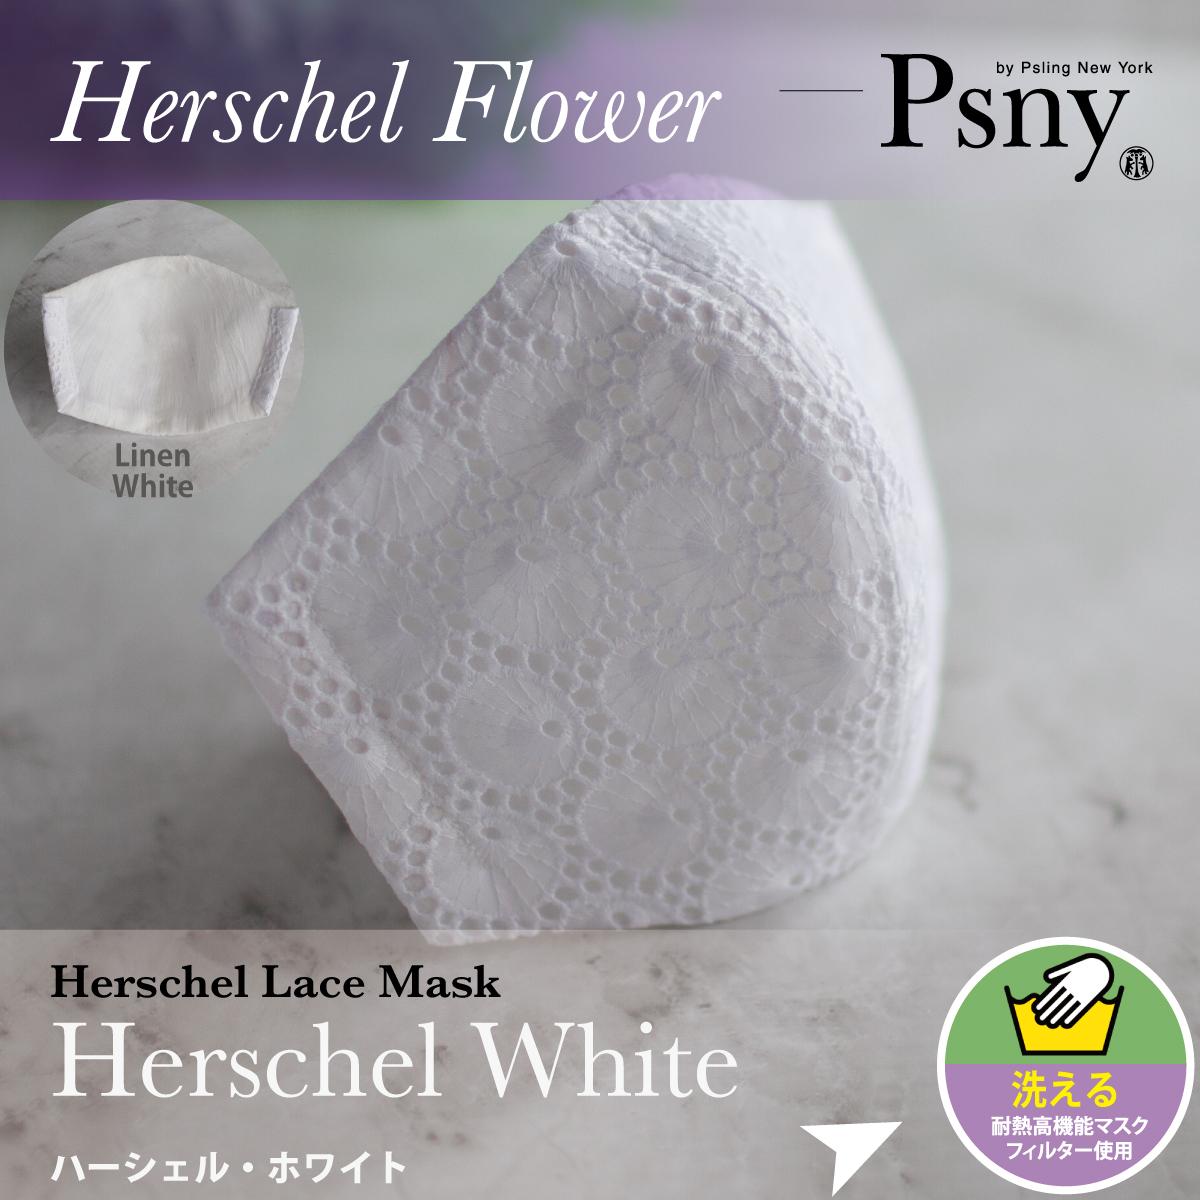 PSNY ハーシェル・レース・ホワイト 花粉 黄砂 洗えるフィルター入り 立体 マスク 大人用 送料無料